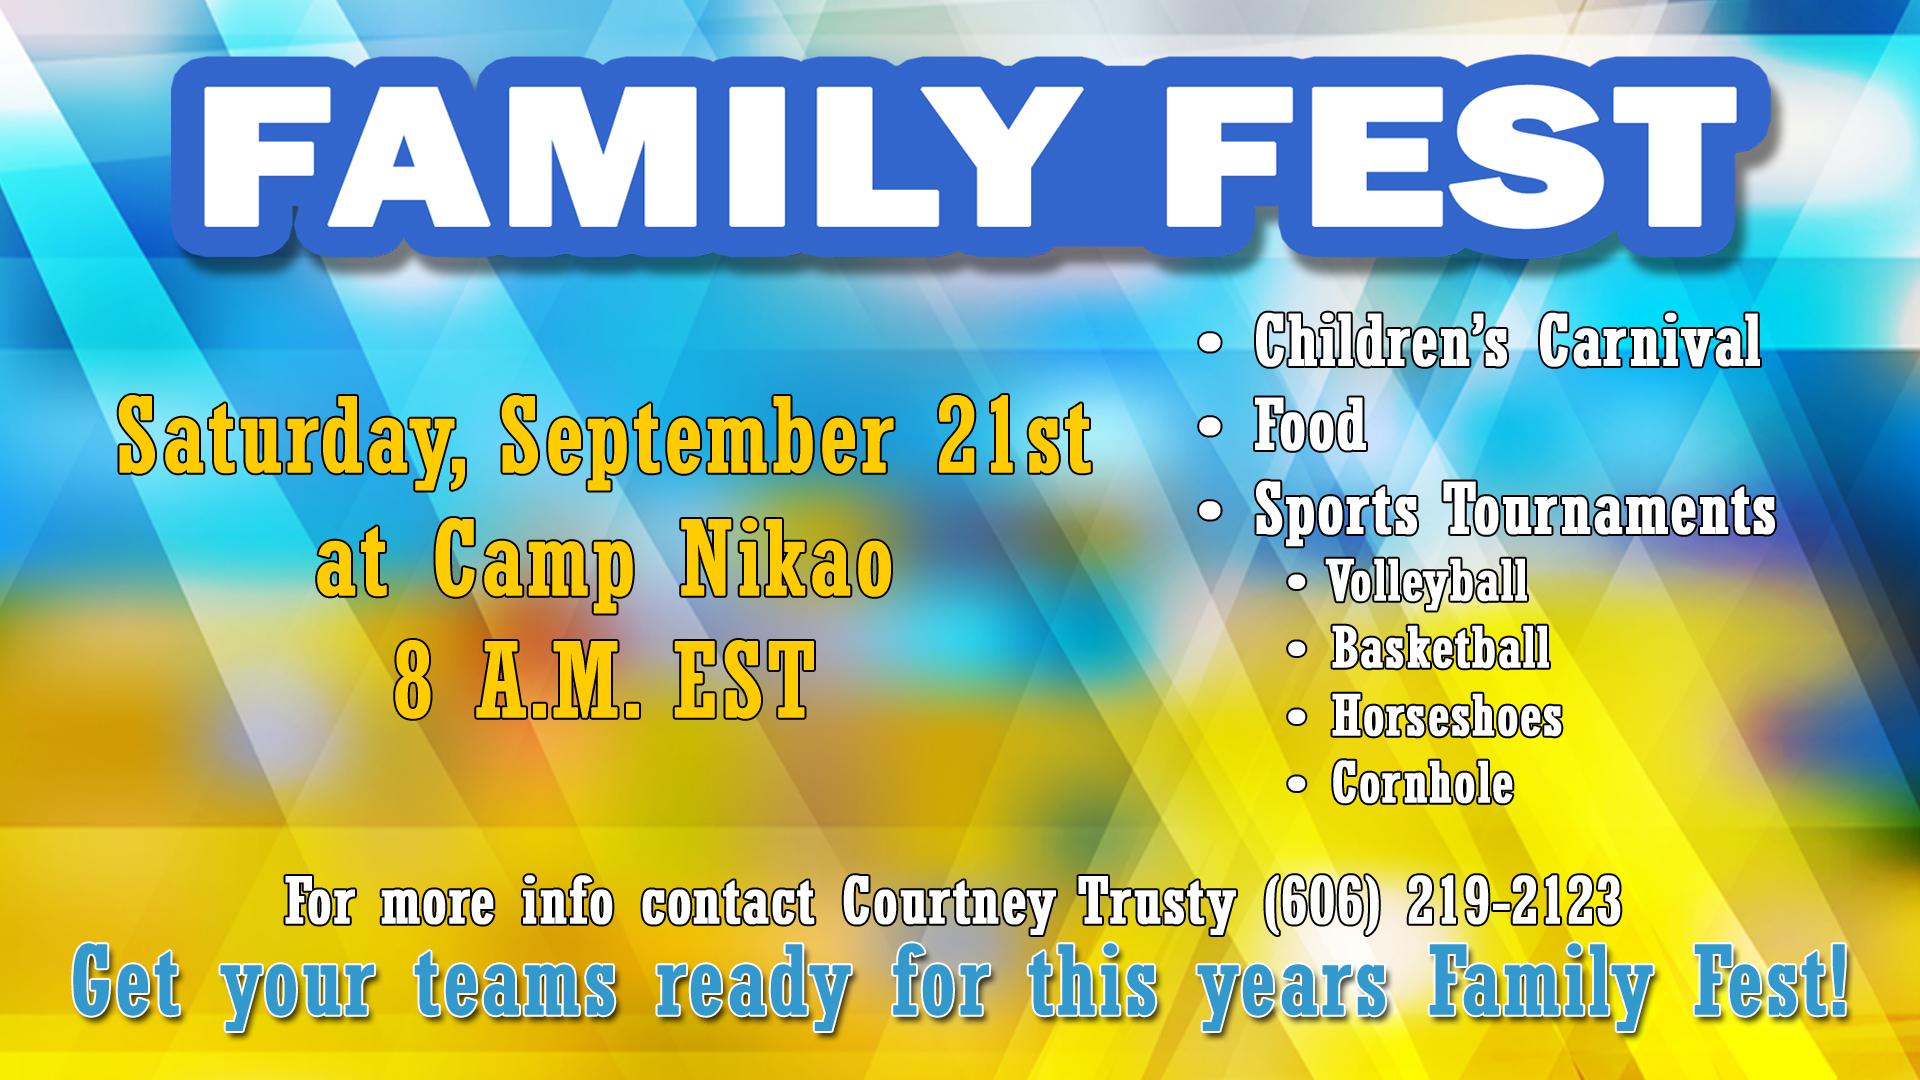 Family Fest 2019 Announcement Slide - 1080x1920